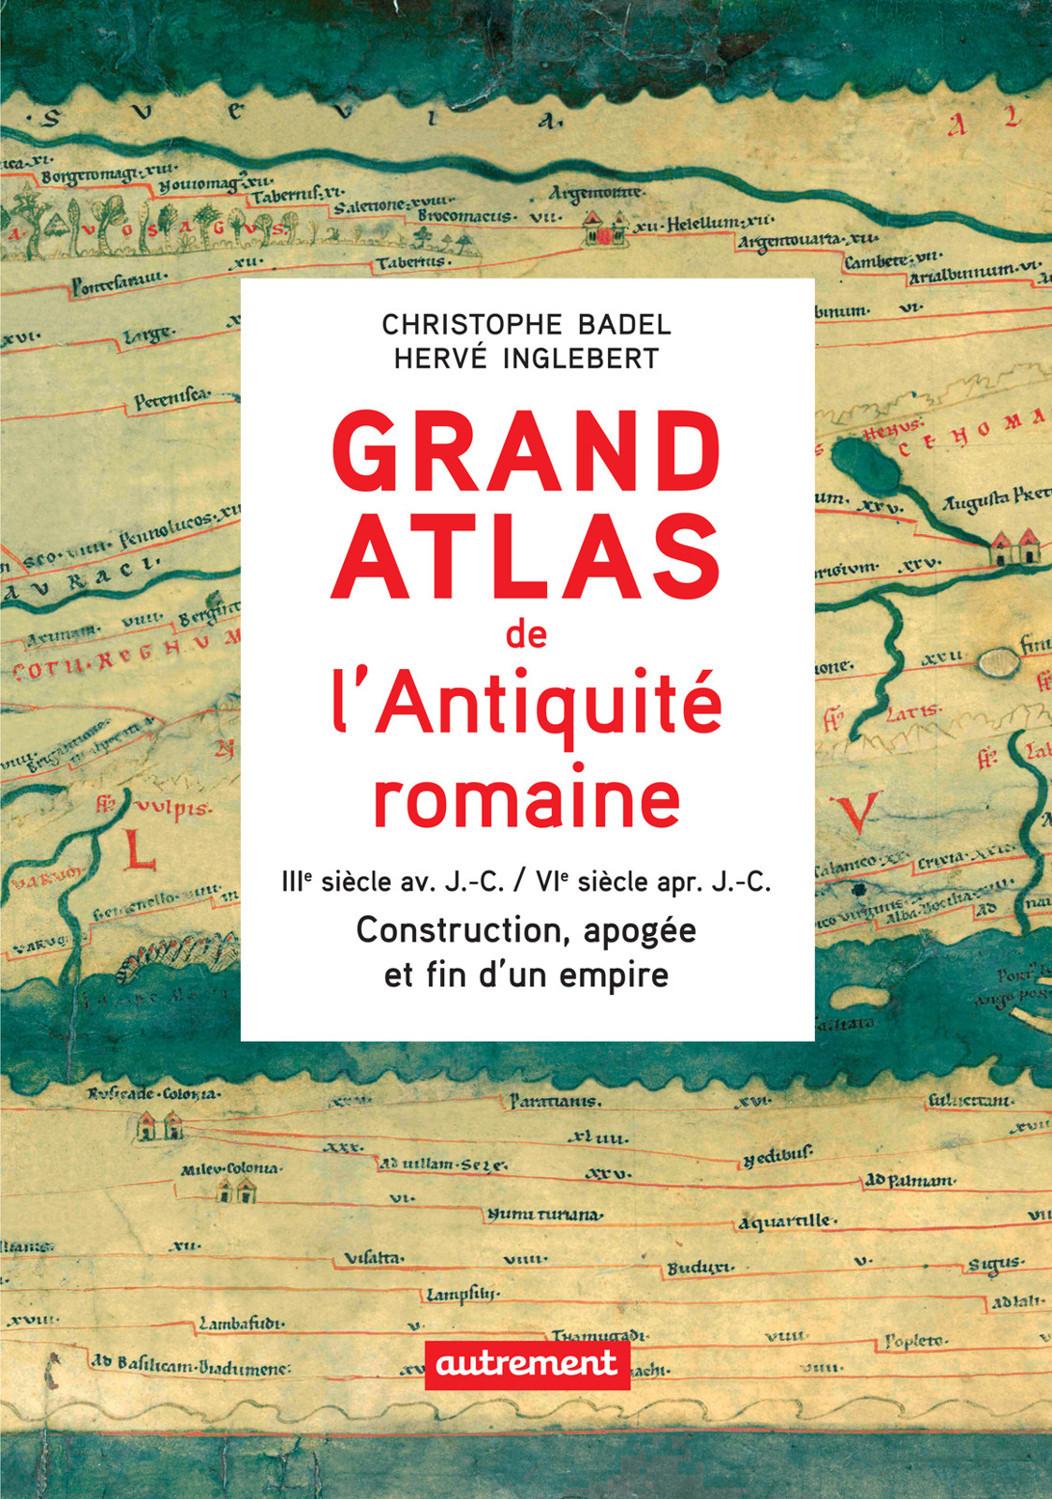 Grand Atlas de l'Antiquité romaine. Construction, apogée et fin d'un empire (IIIe siècle av. J.-C. / VIe siècle apr. J.-C.)